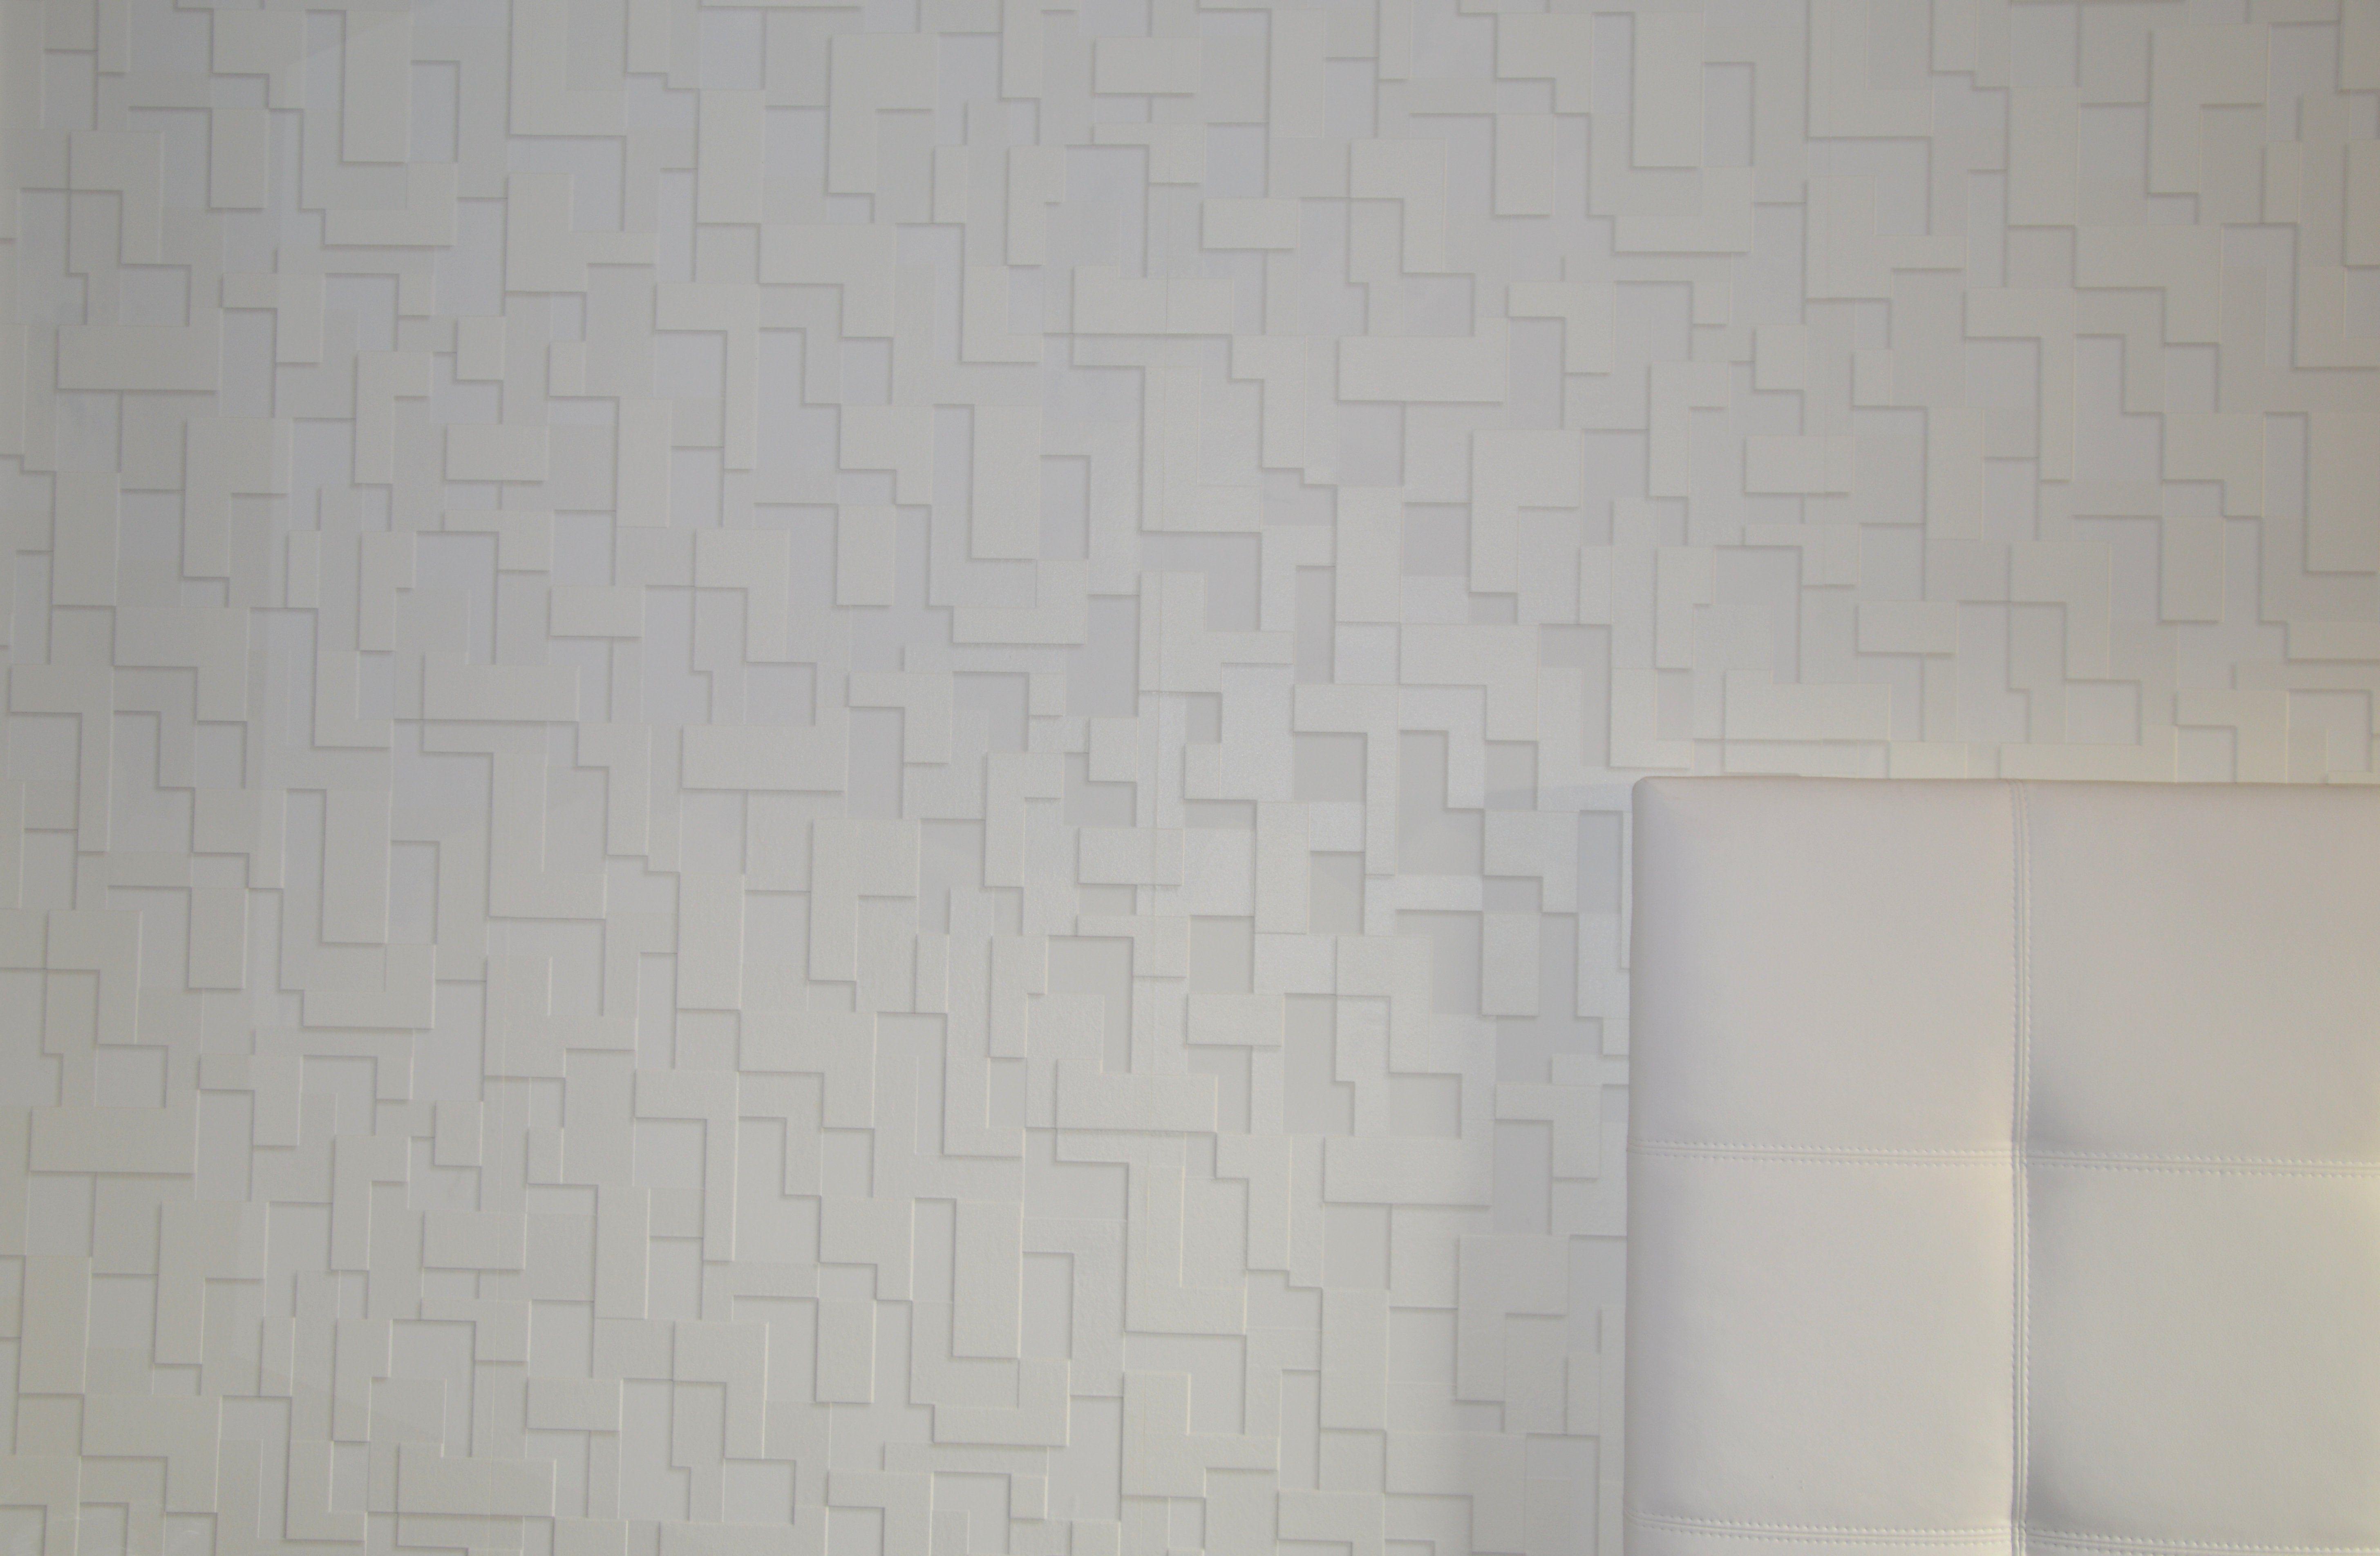 Papel pintado textura ladrillo color blanco cabecero cama blanco y en negro cual es tu - Papel pintado ladrillo blanco ...